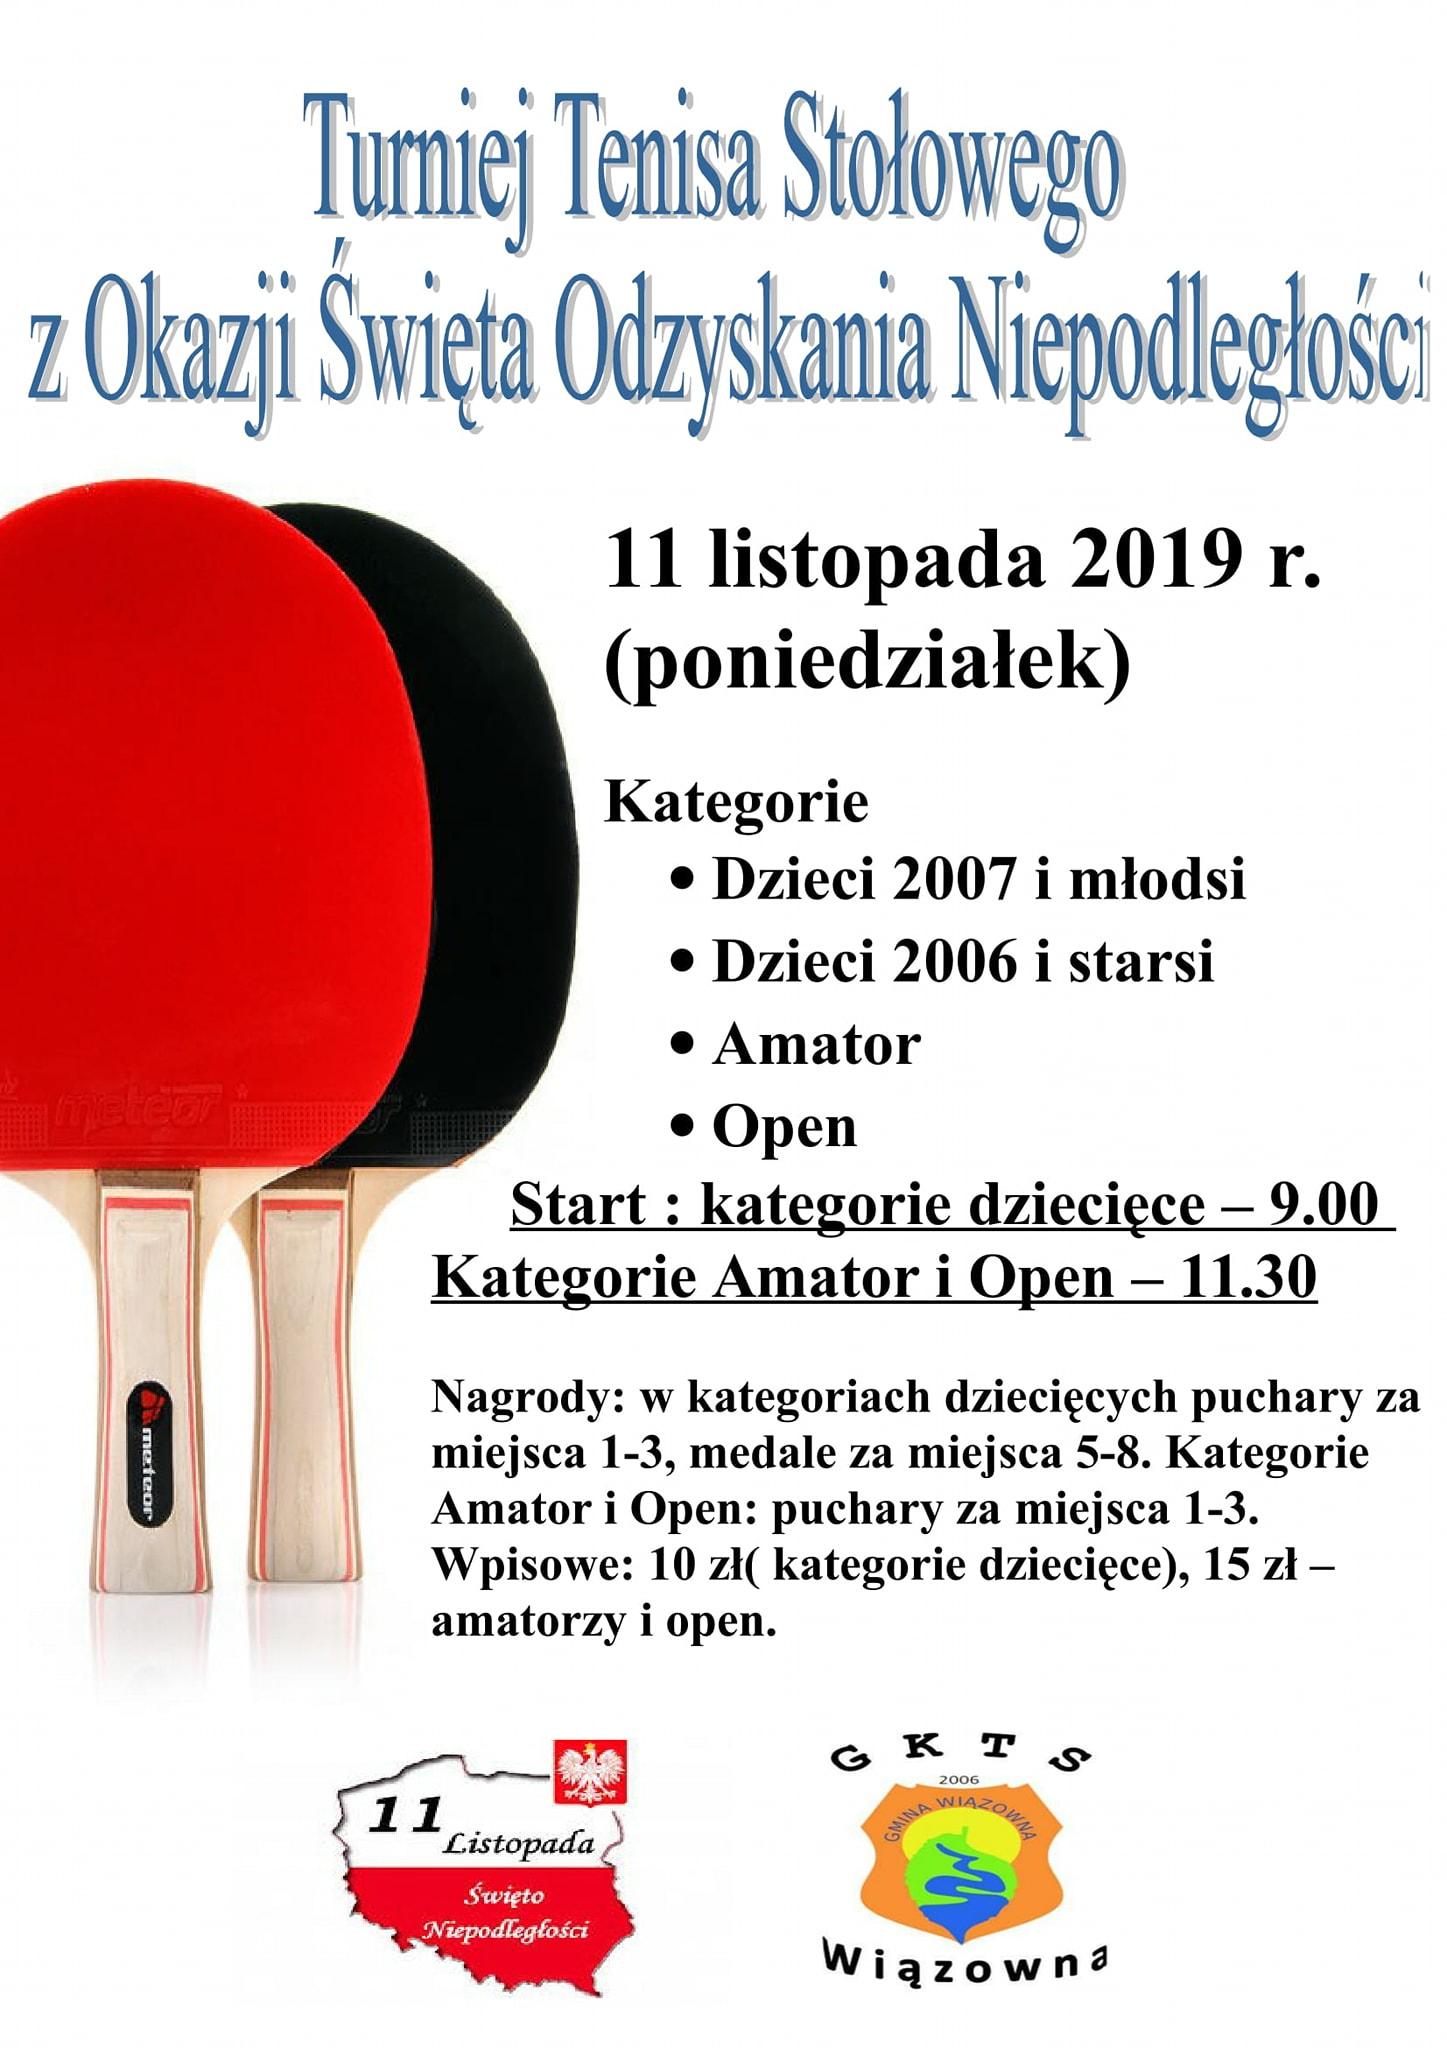 Plakat turnieju Turniej Tenisa Stołowego z Okazji Święta Odzyskania NIepodległości